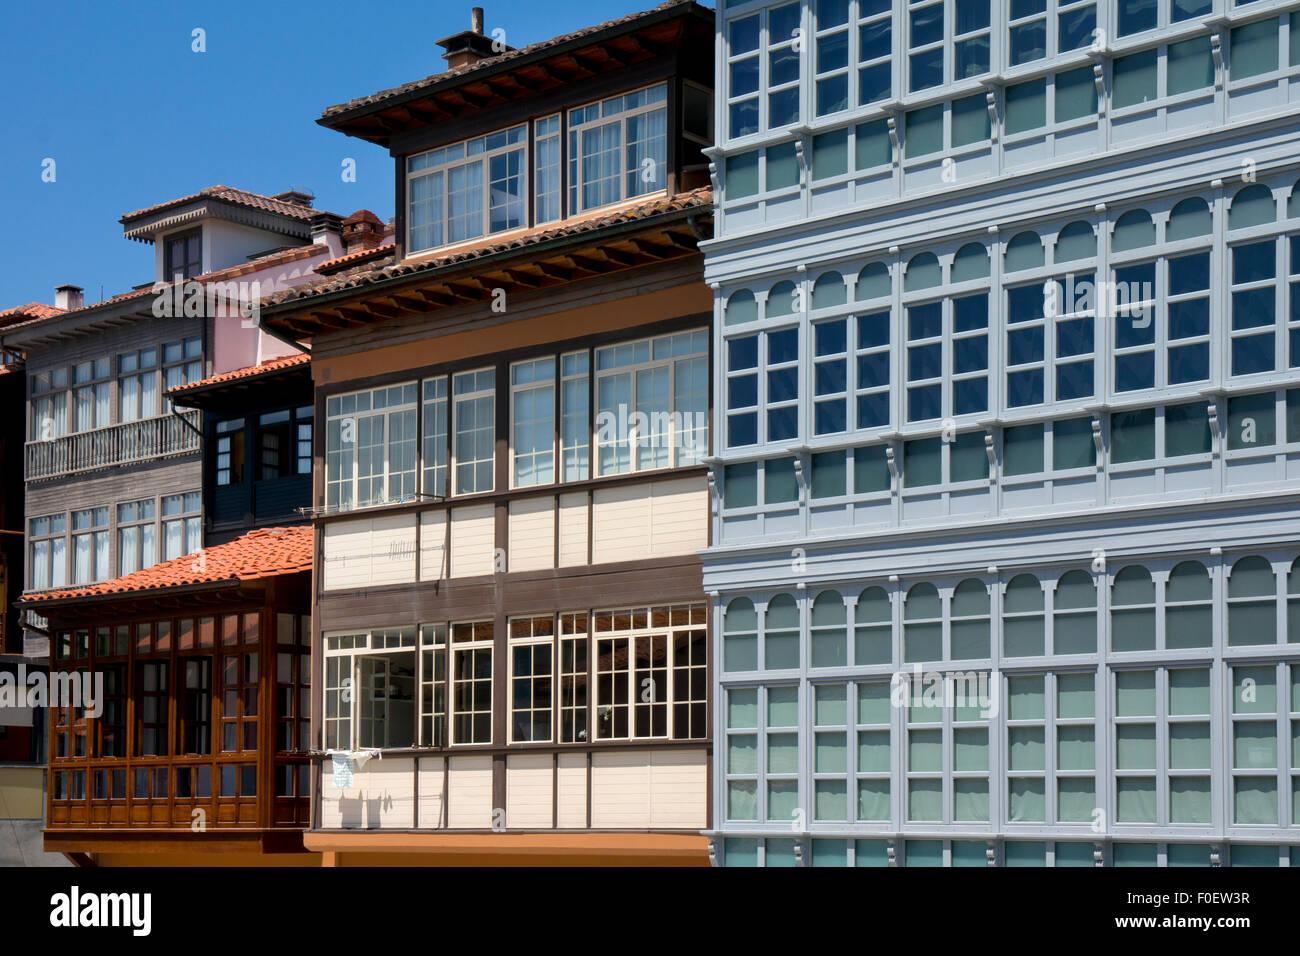 La arquitectura tradicional de la región en Llanes,Asturias,en el norte de España Imagen De Stock